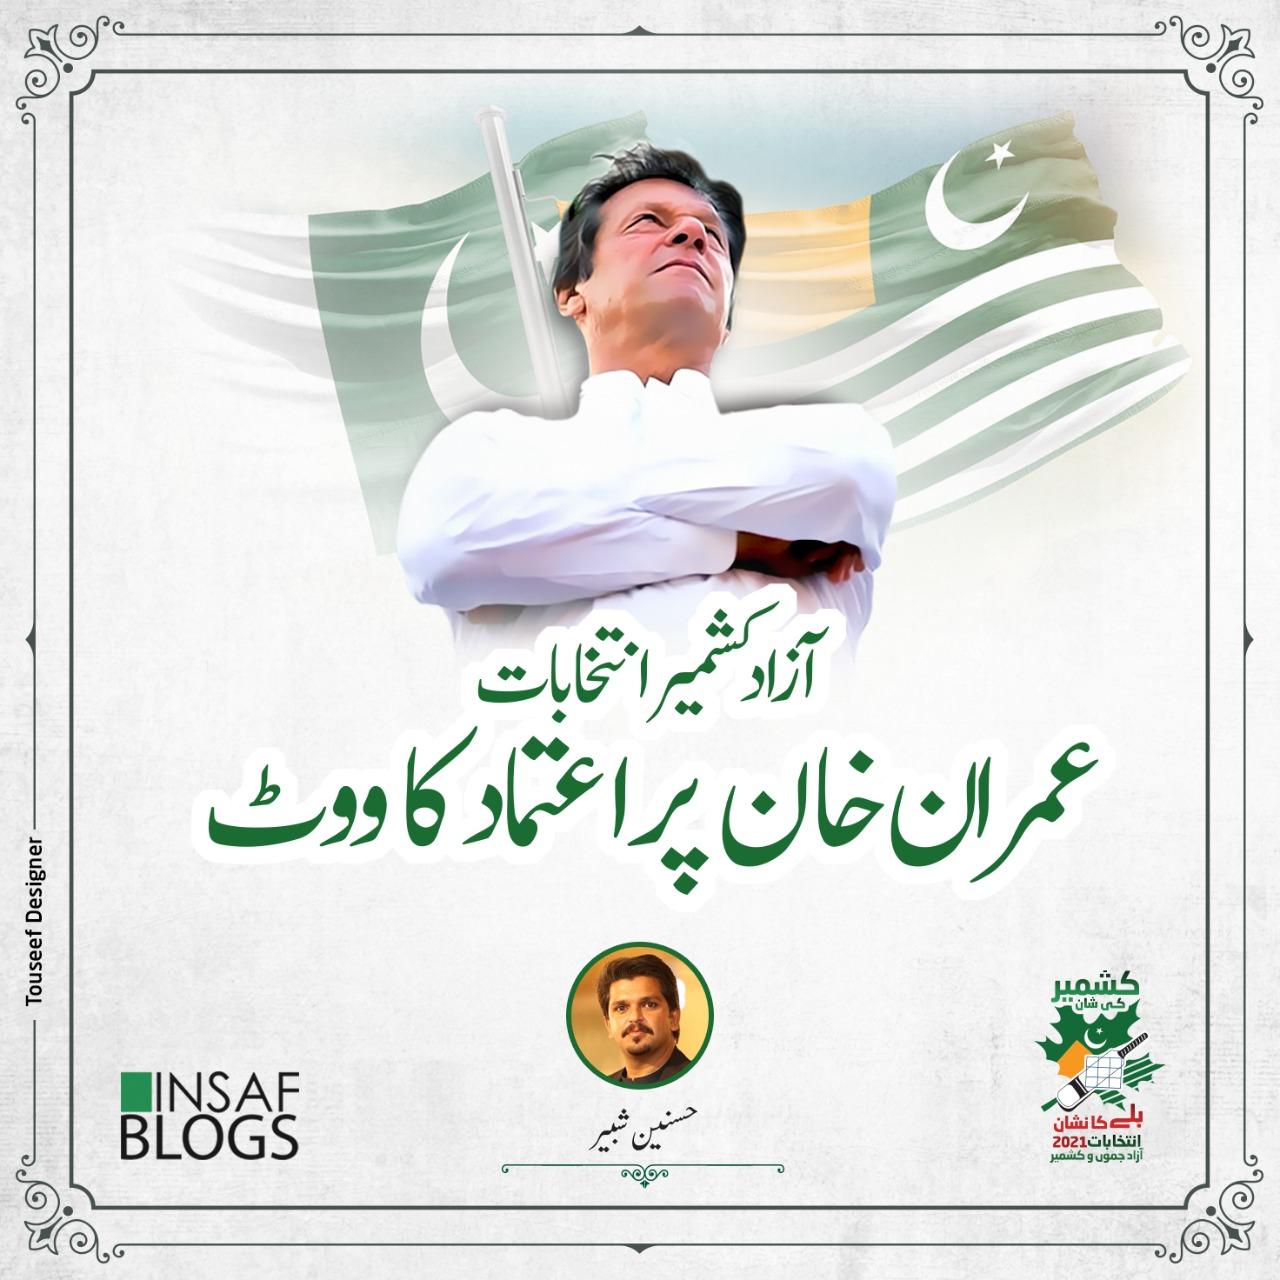 Imran Khan Par Aitmaad Ka Vote - Insaf Blog